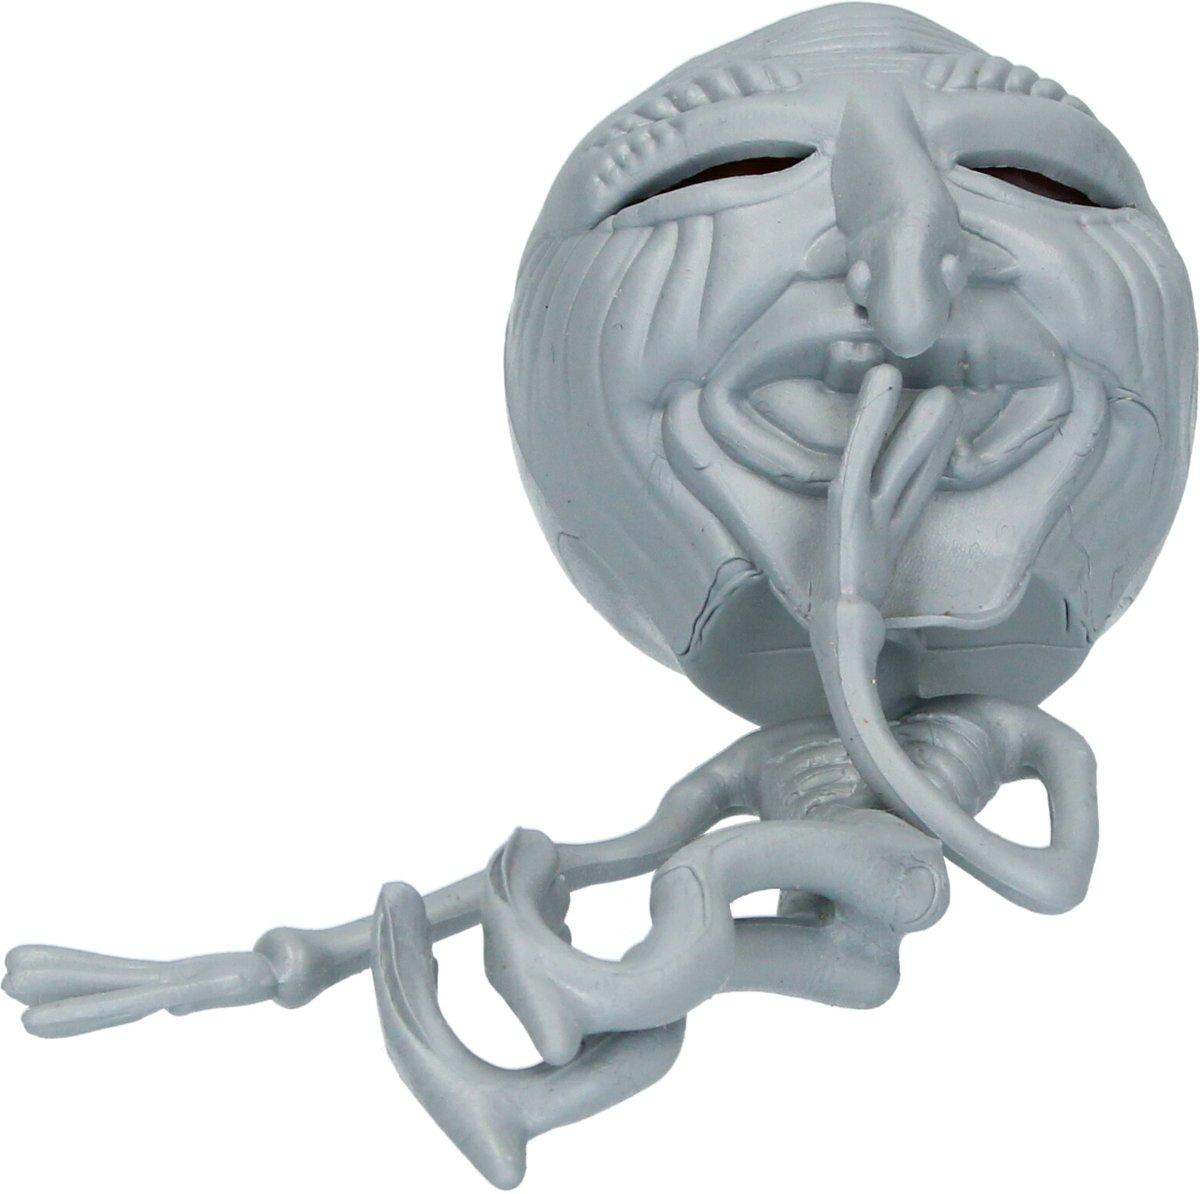 Orbeez Stressbal Alien voor Kinderen – Stress Speelgoed – Squishy – Grijs